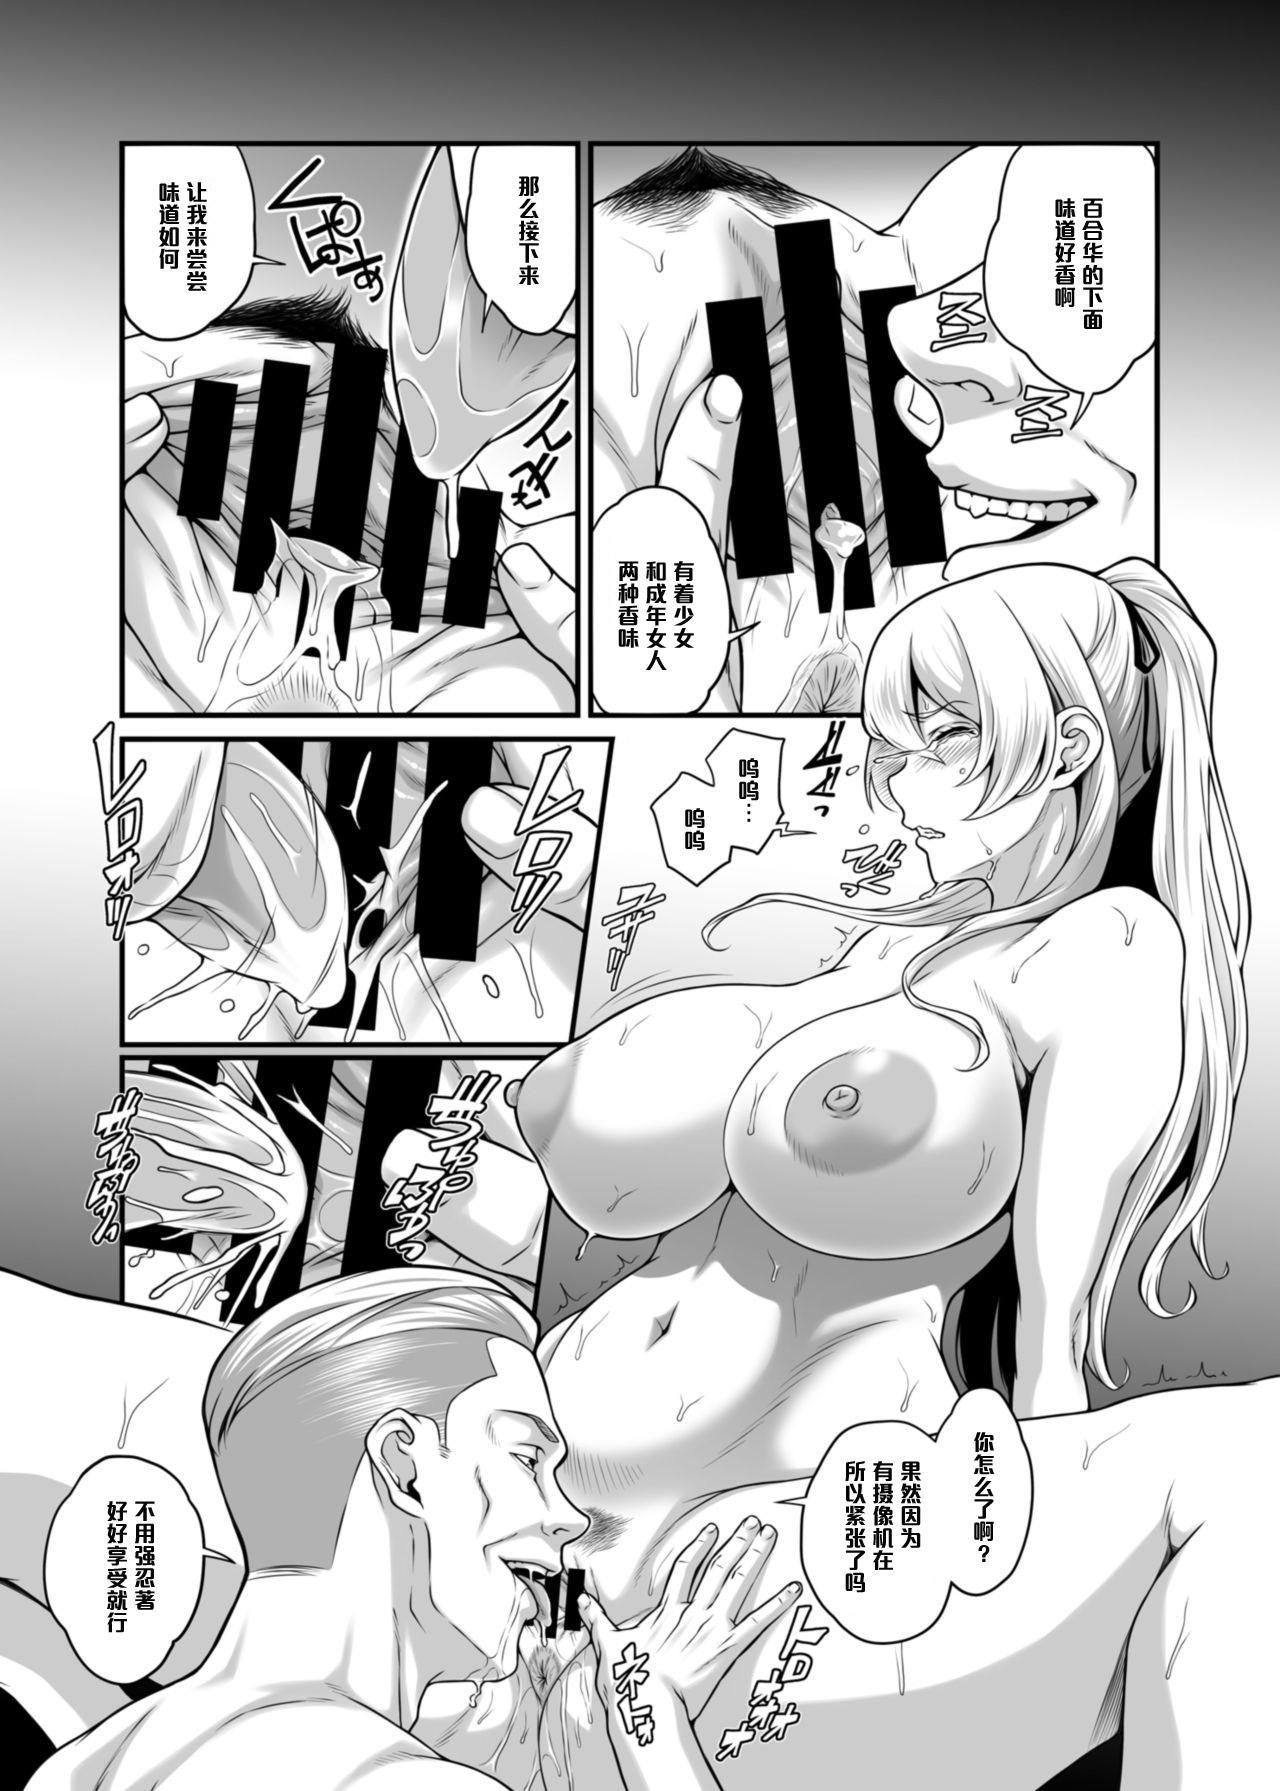 Daraku Reijou Hakoiri Ojou-sama Netorare Choukyou Kiroku 9